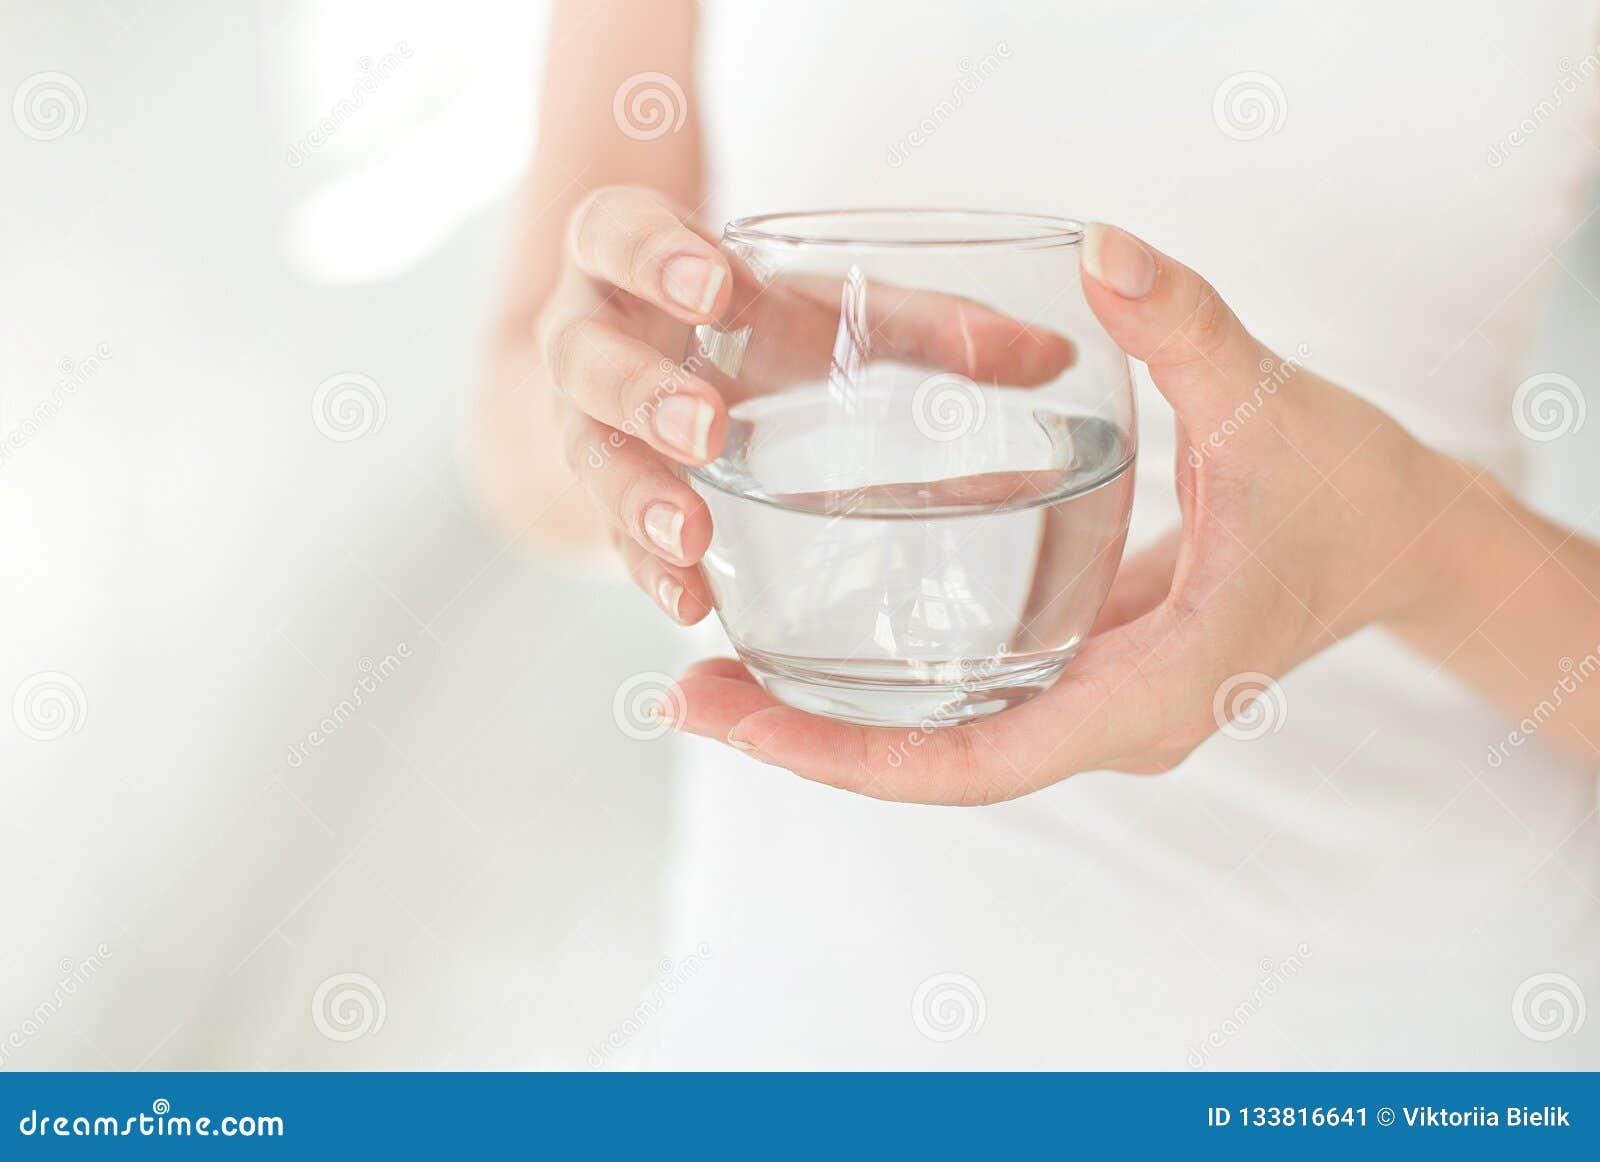 Manos femeninas que sostienen un vidrio claro de agua Un vidrio de agua mineral limpia en manos, bebida sana